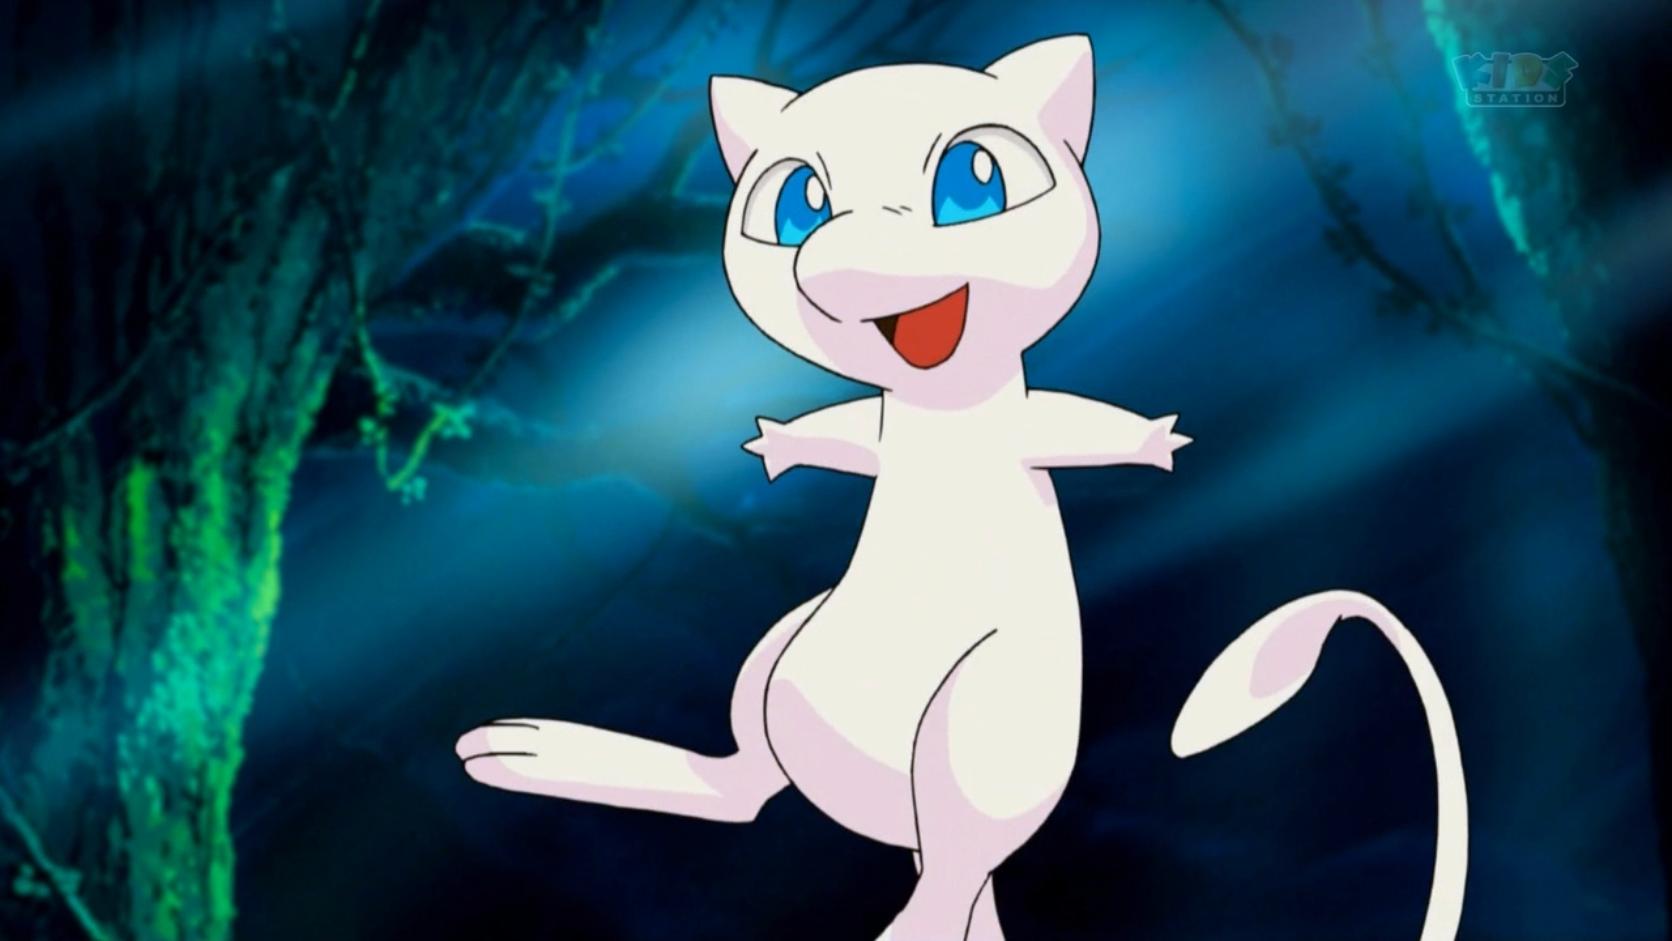 anime pokemon mew - photo #5